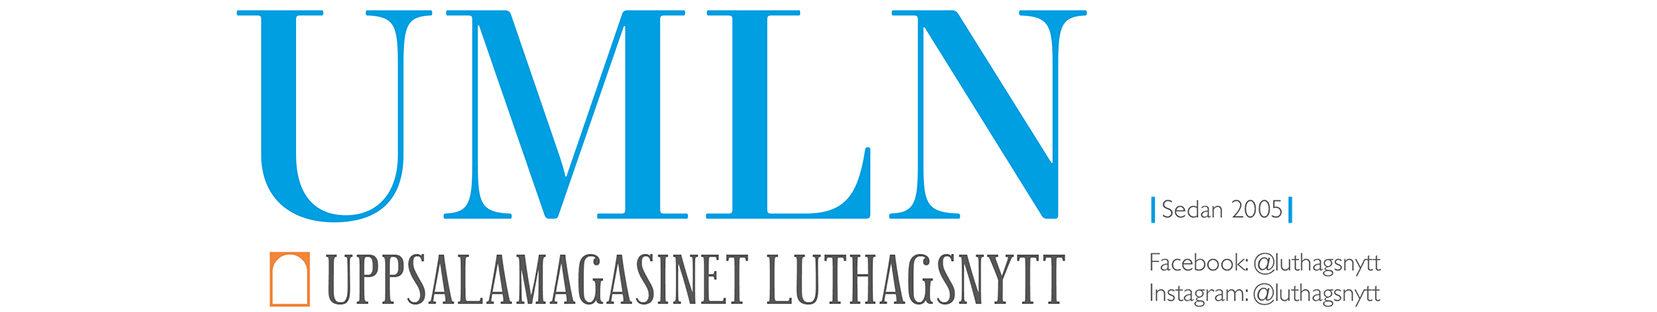 UMLN – Uppsalamagasinet Luthagsnytt